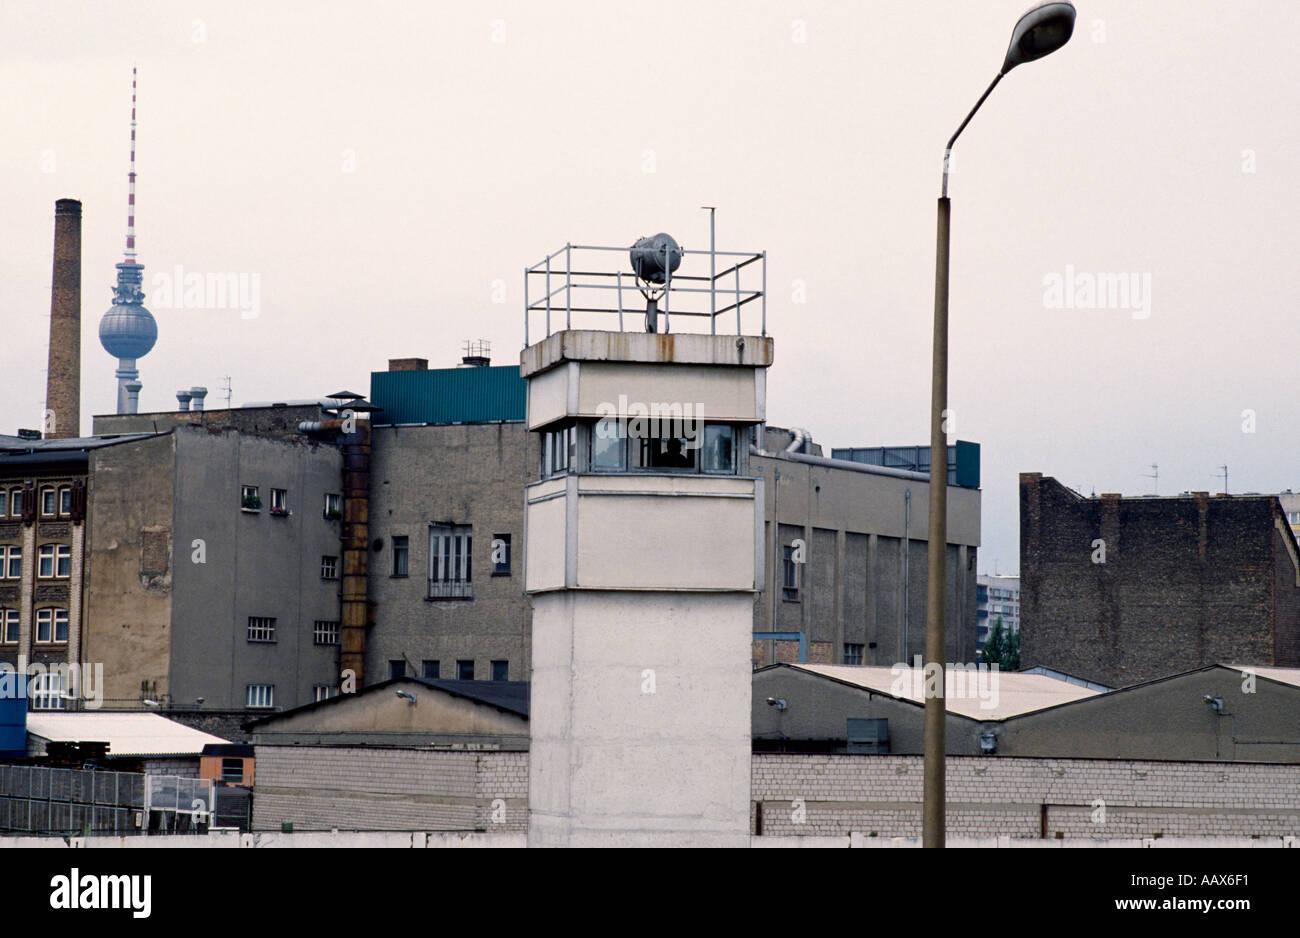 L'histoire de l'Europe. Le mur de Berlin historique et tour de garde dans l'ouest de Berlin en Allemagne en Europe durant la guerre froide. Photo Stock